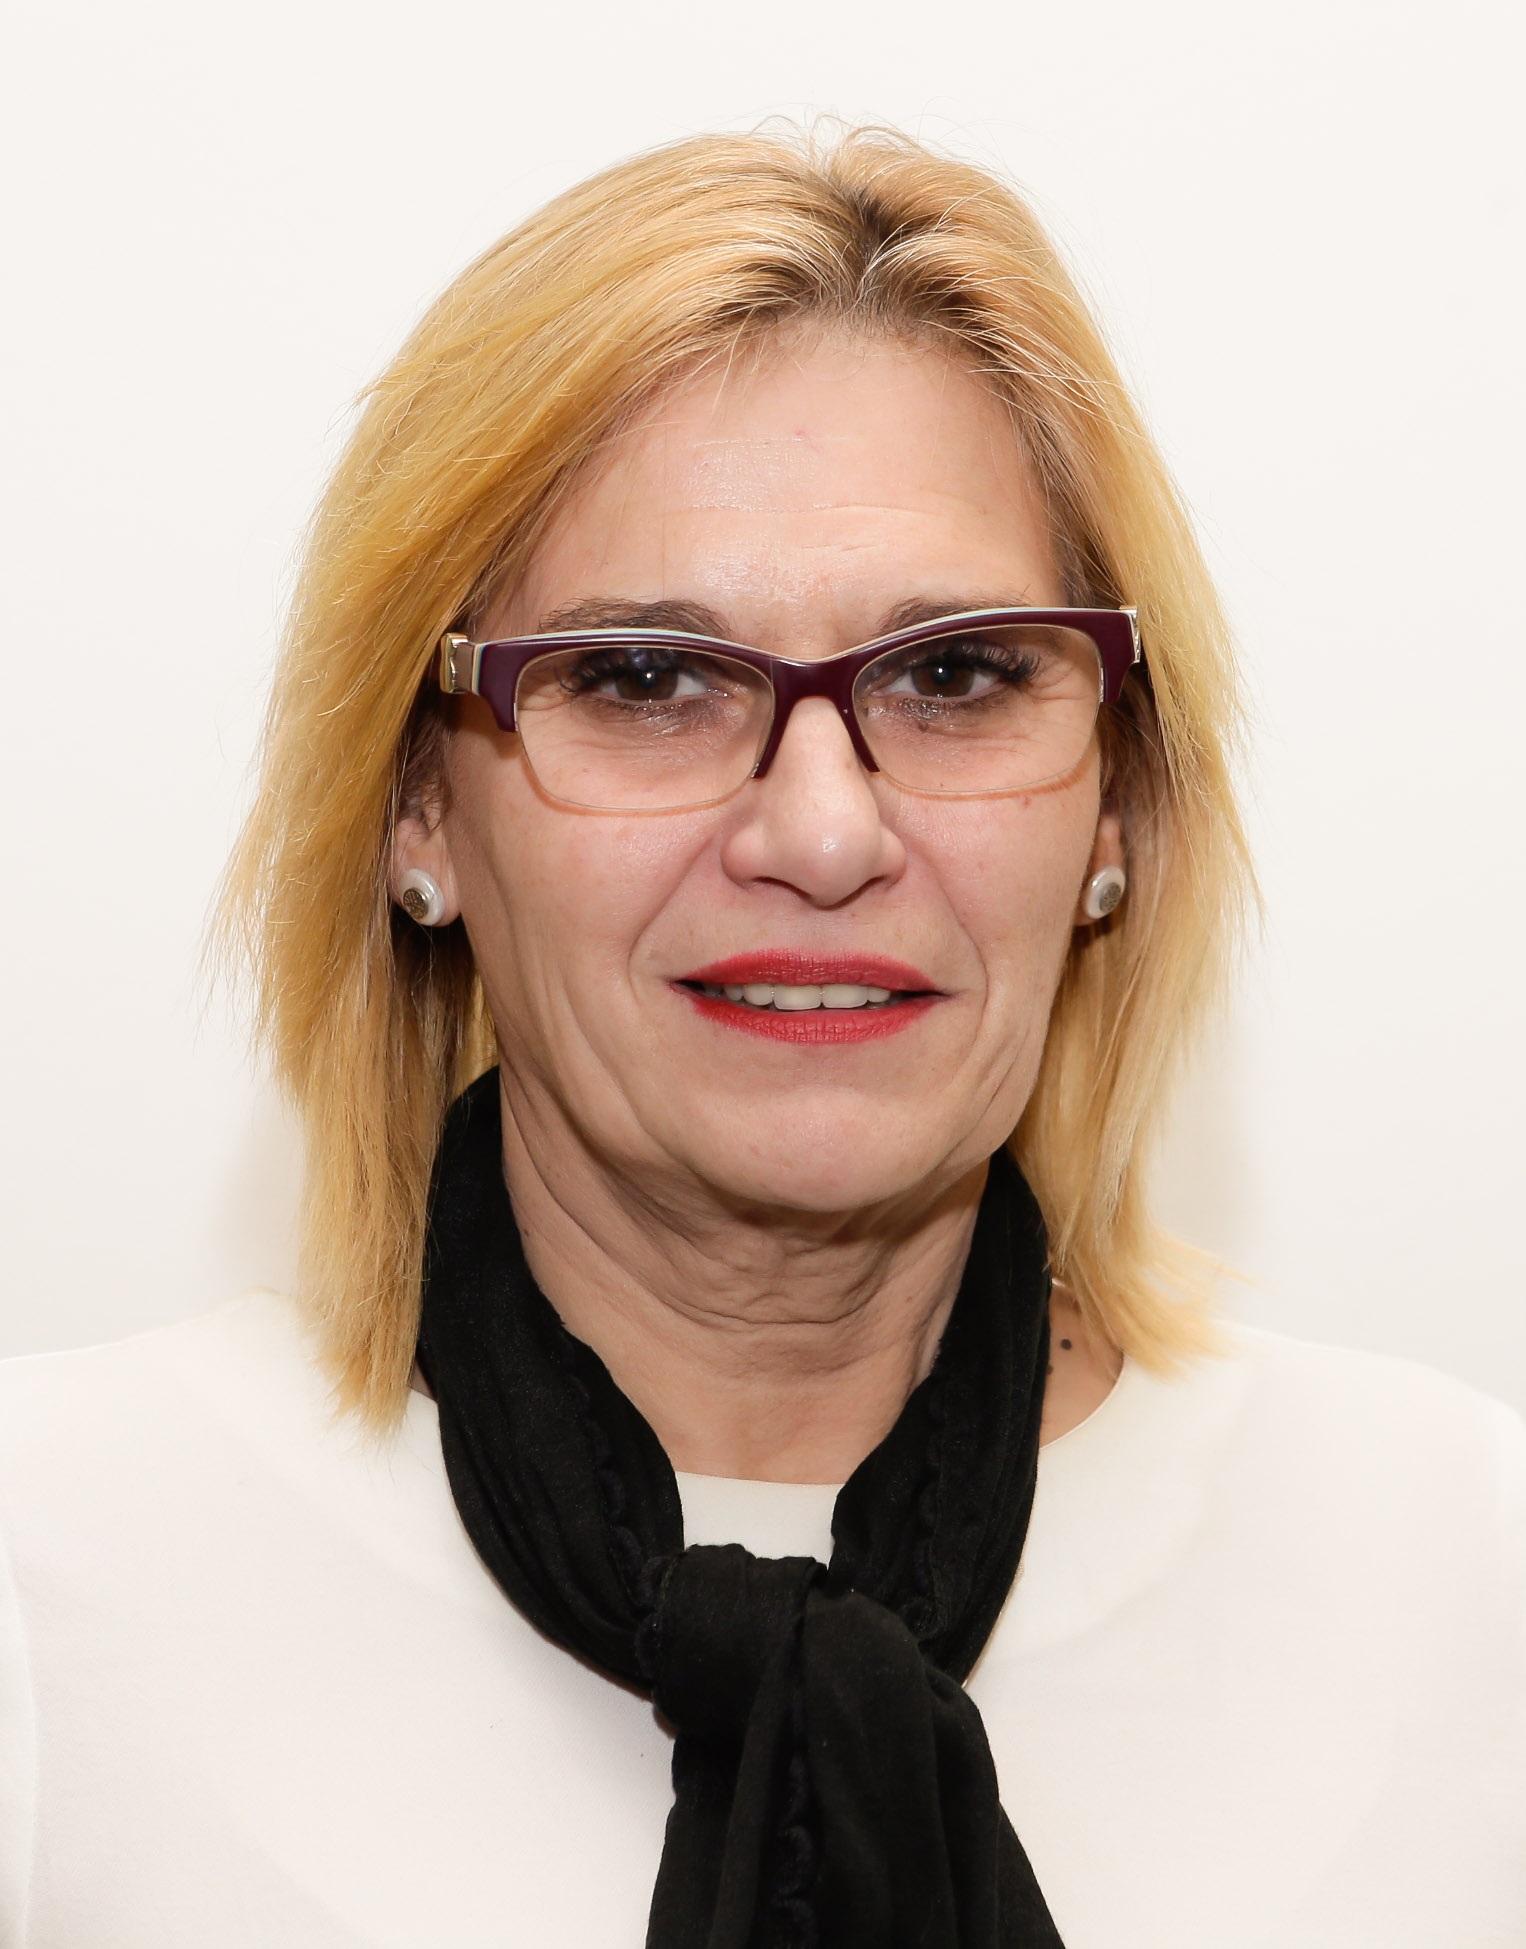 Fotografía de GUADALUPE MARÍA CASANOVA BARAGAÑO